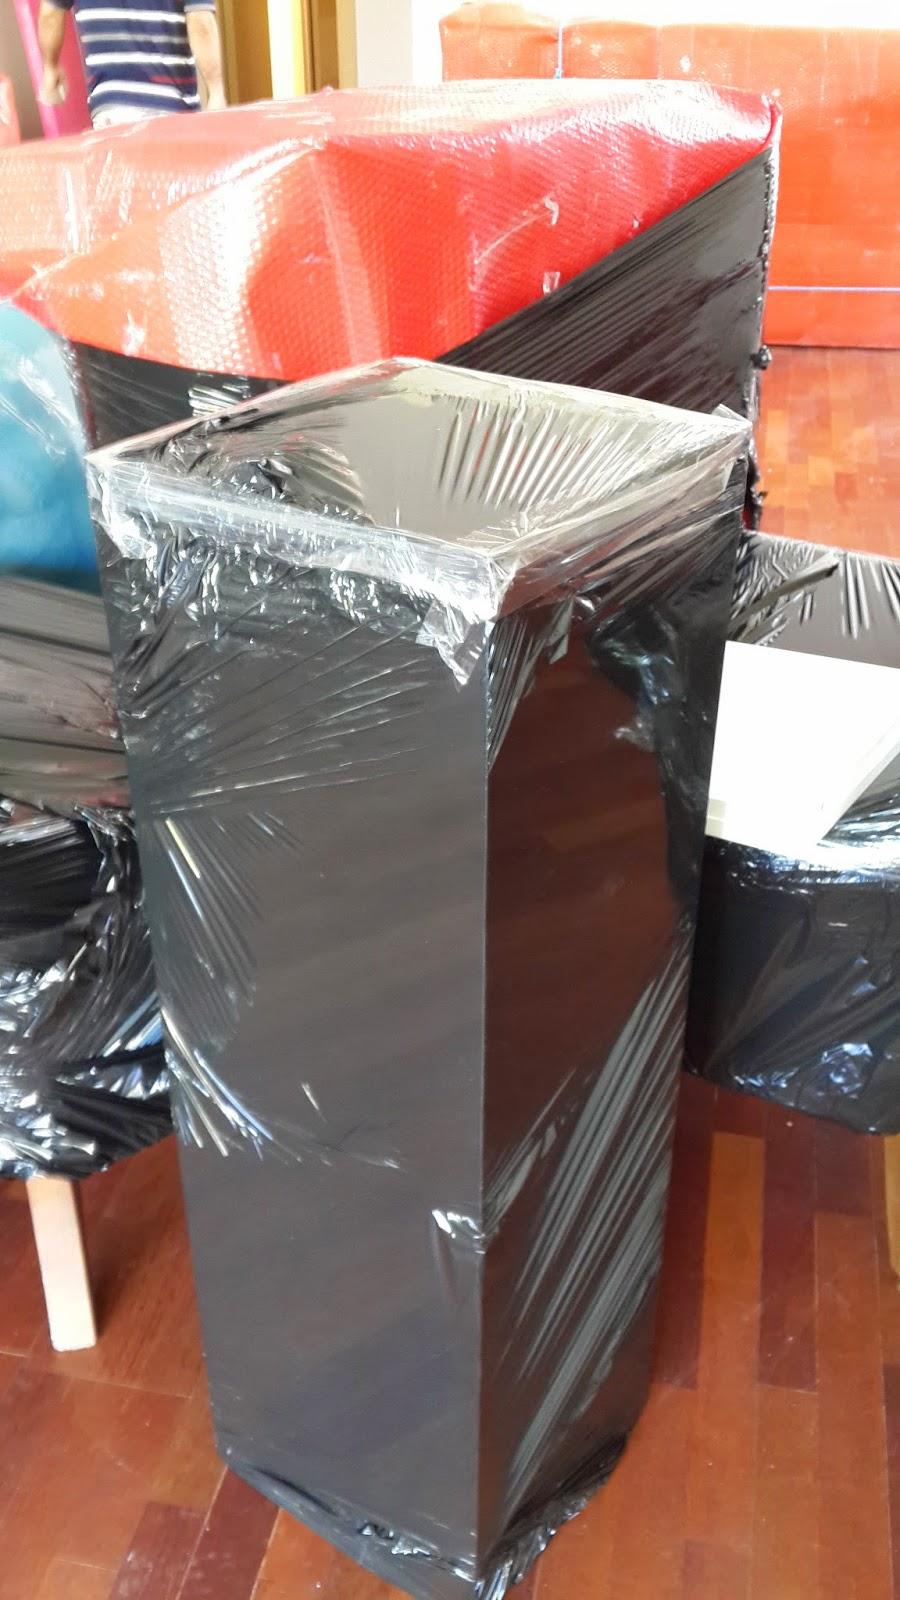 Paketlenmiş Koltuk ve Mobilya Parçaları